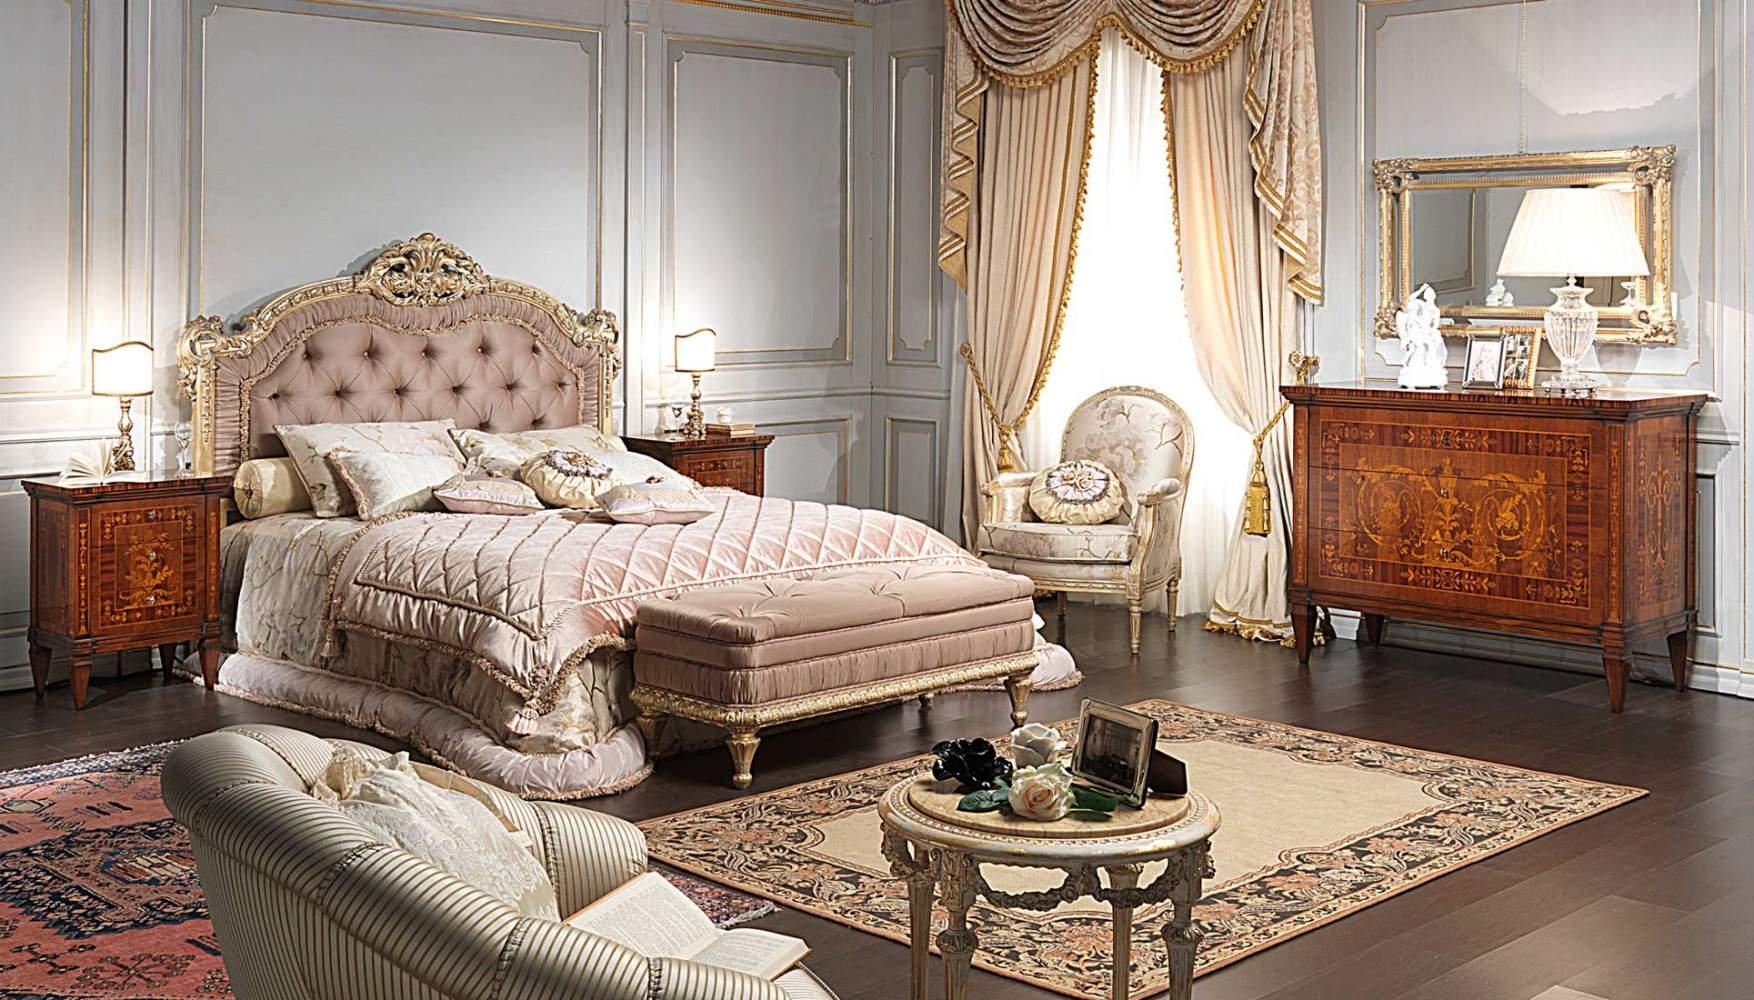 Camera Da Letto Classica : Camere classiche keidea arreda mobili lariano